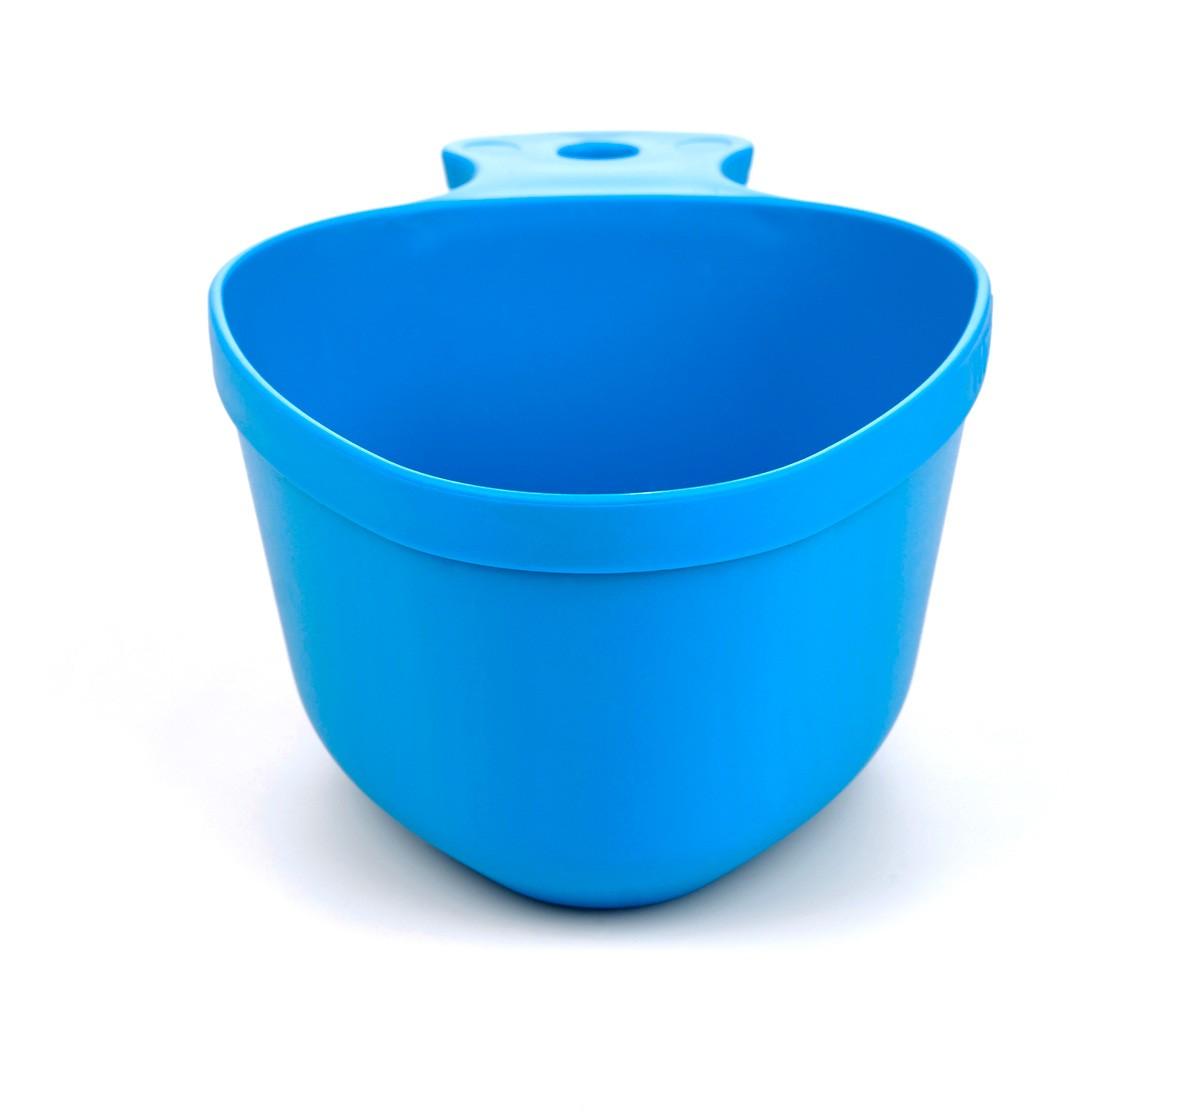 Кружка-миска Wildo Kasa Army, цвет: светло-синий, 0,3 л wildo